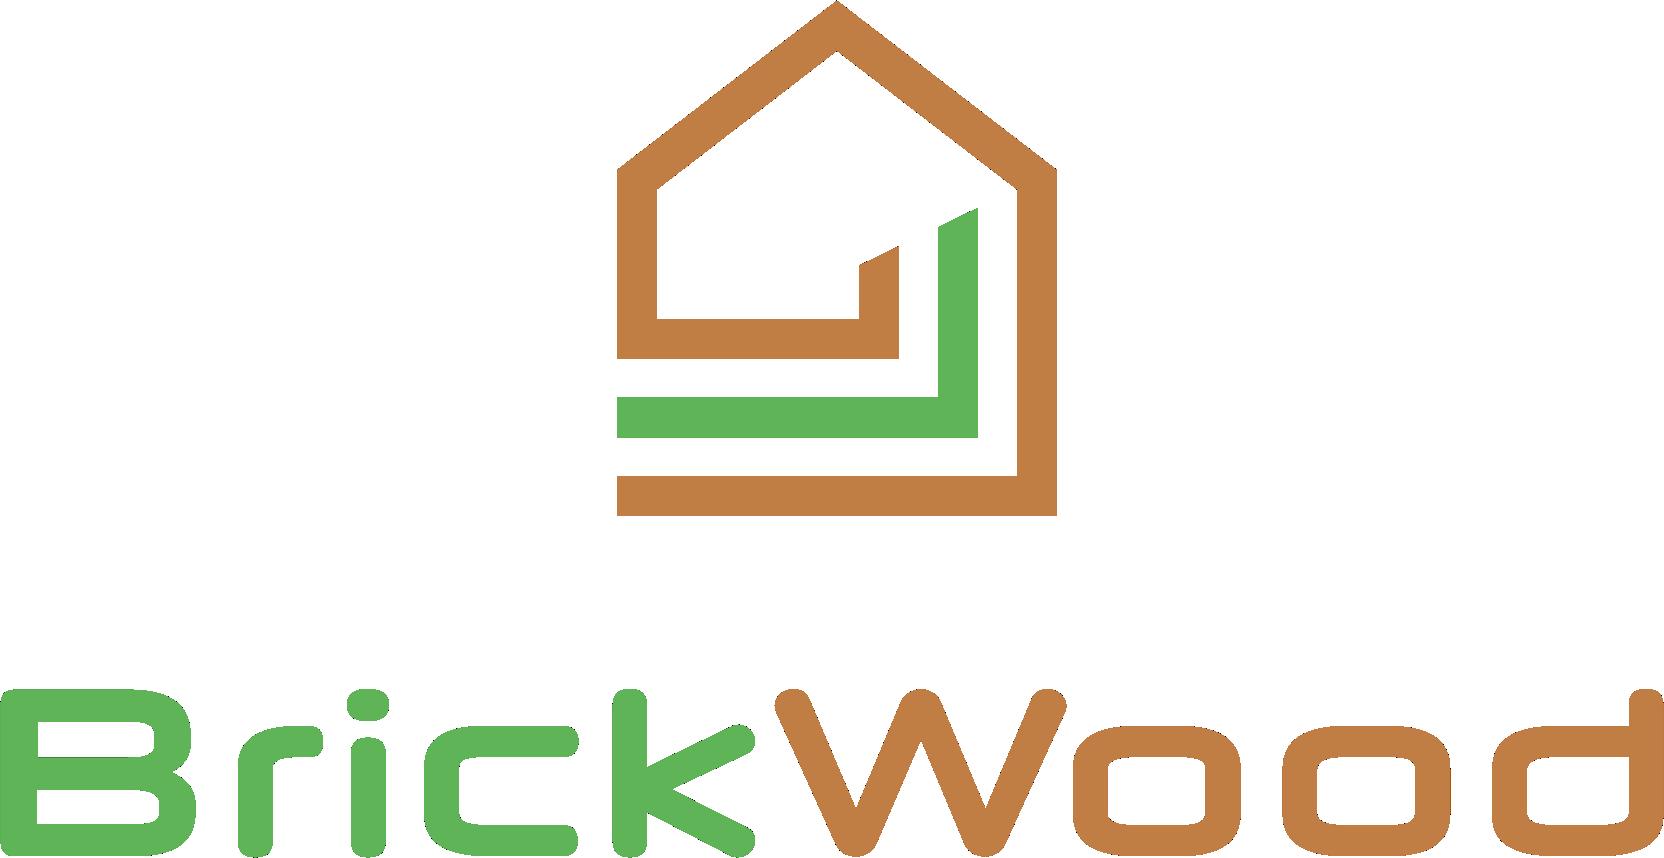 Brick-Wood-logo-bez-tla